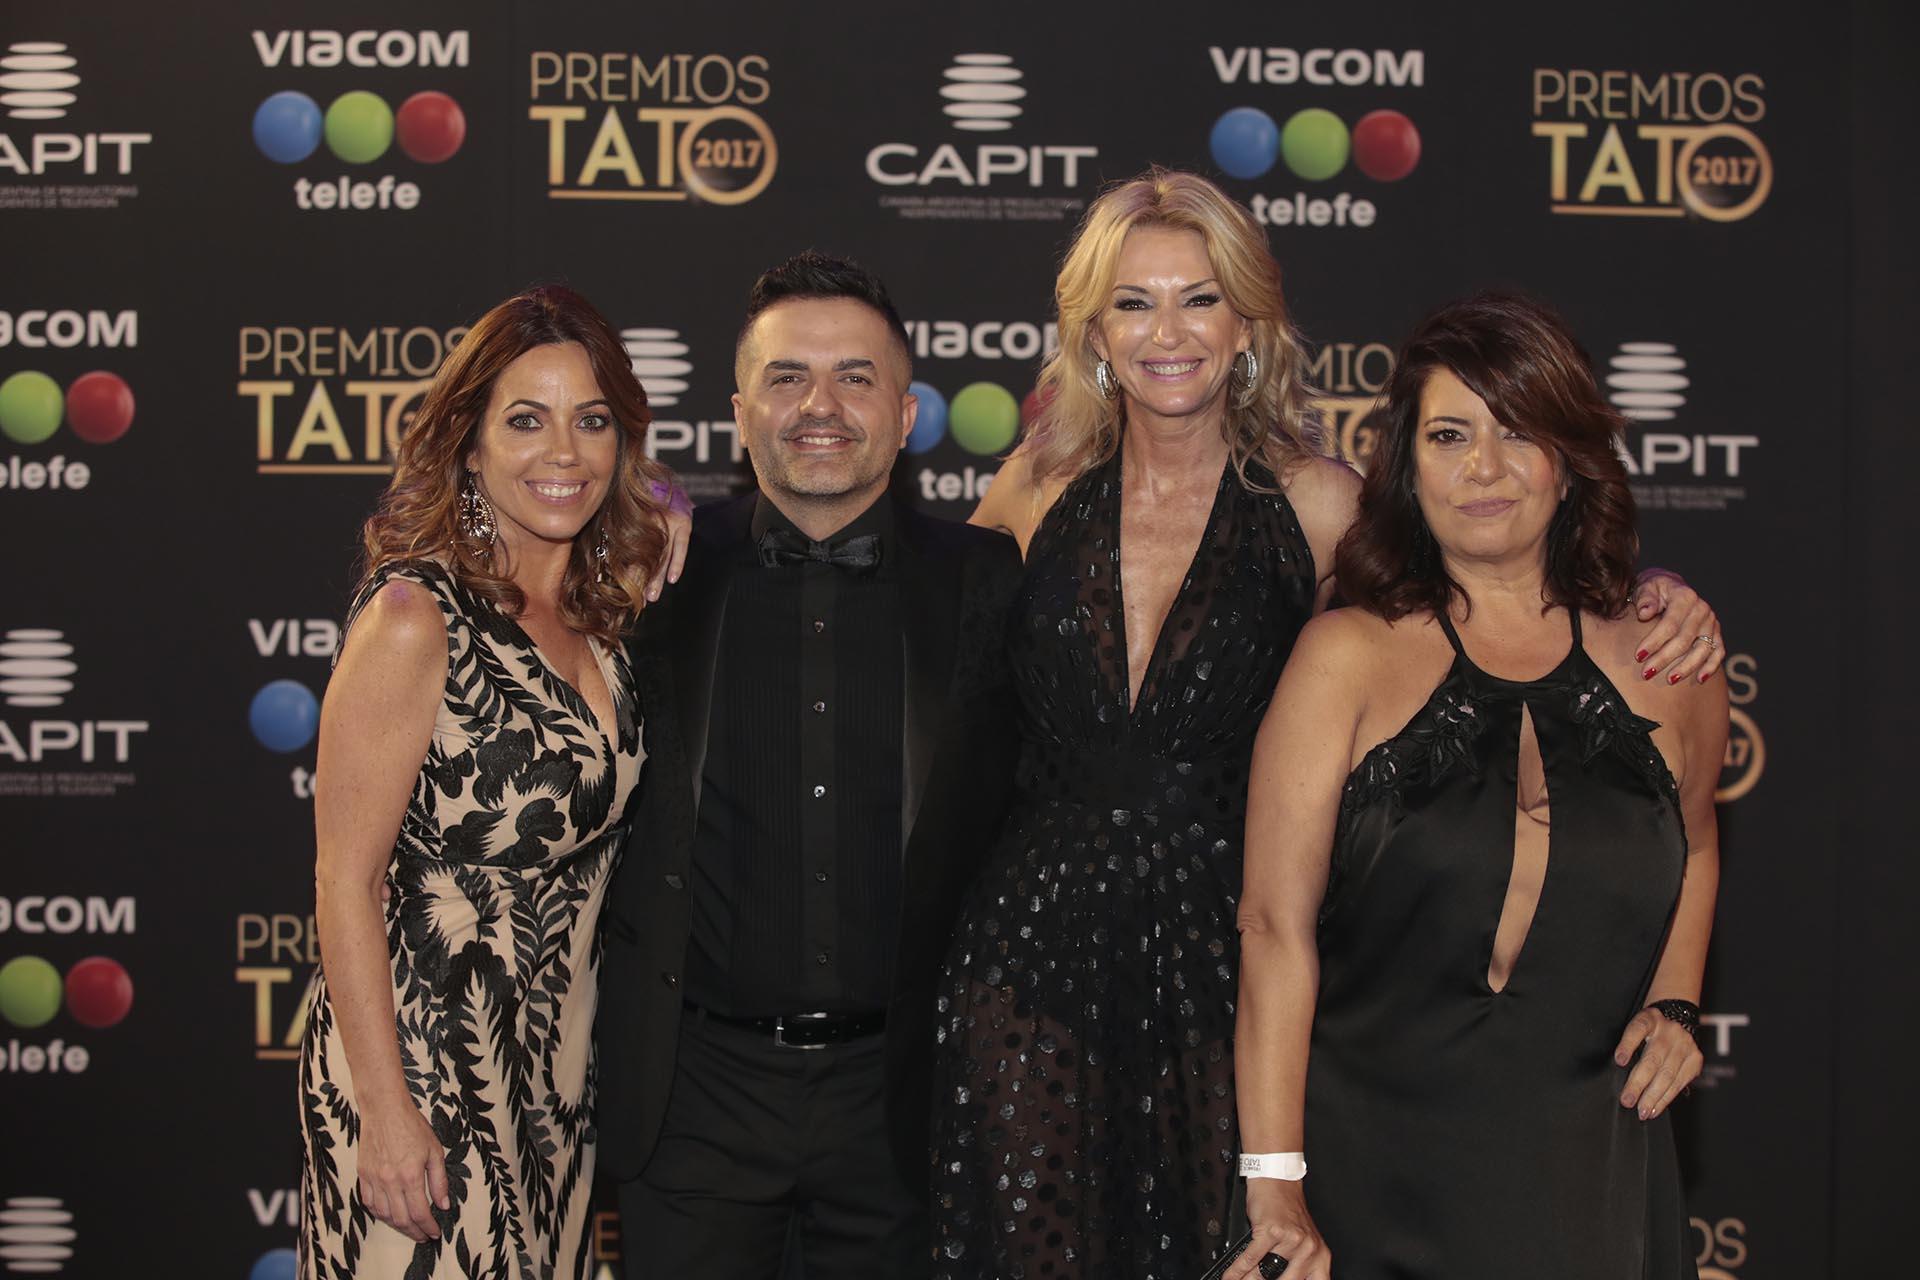 Pia shaw, Ángel de Brito, Yanina Latorre y Andrea Taboada